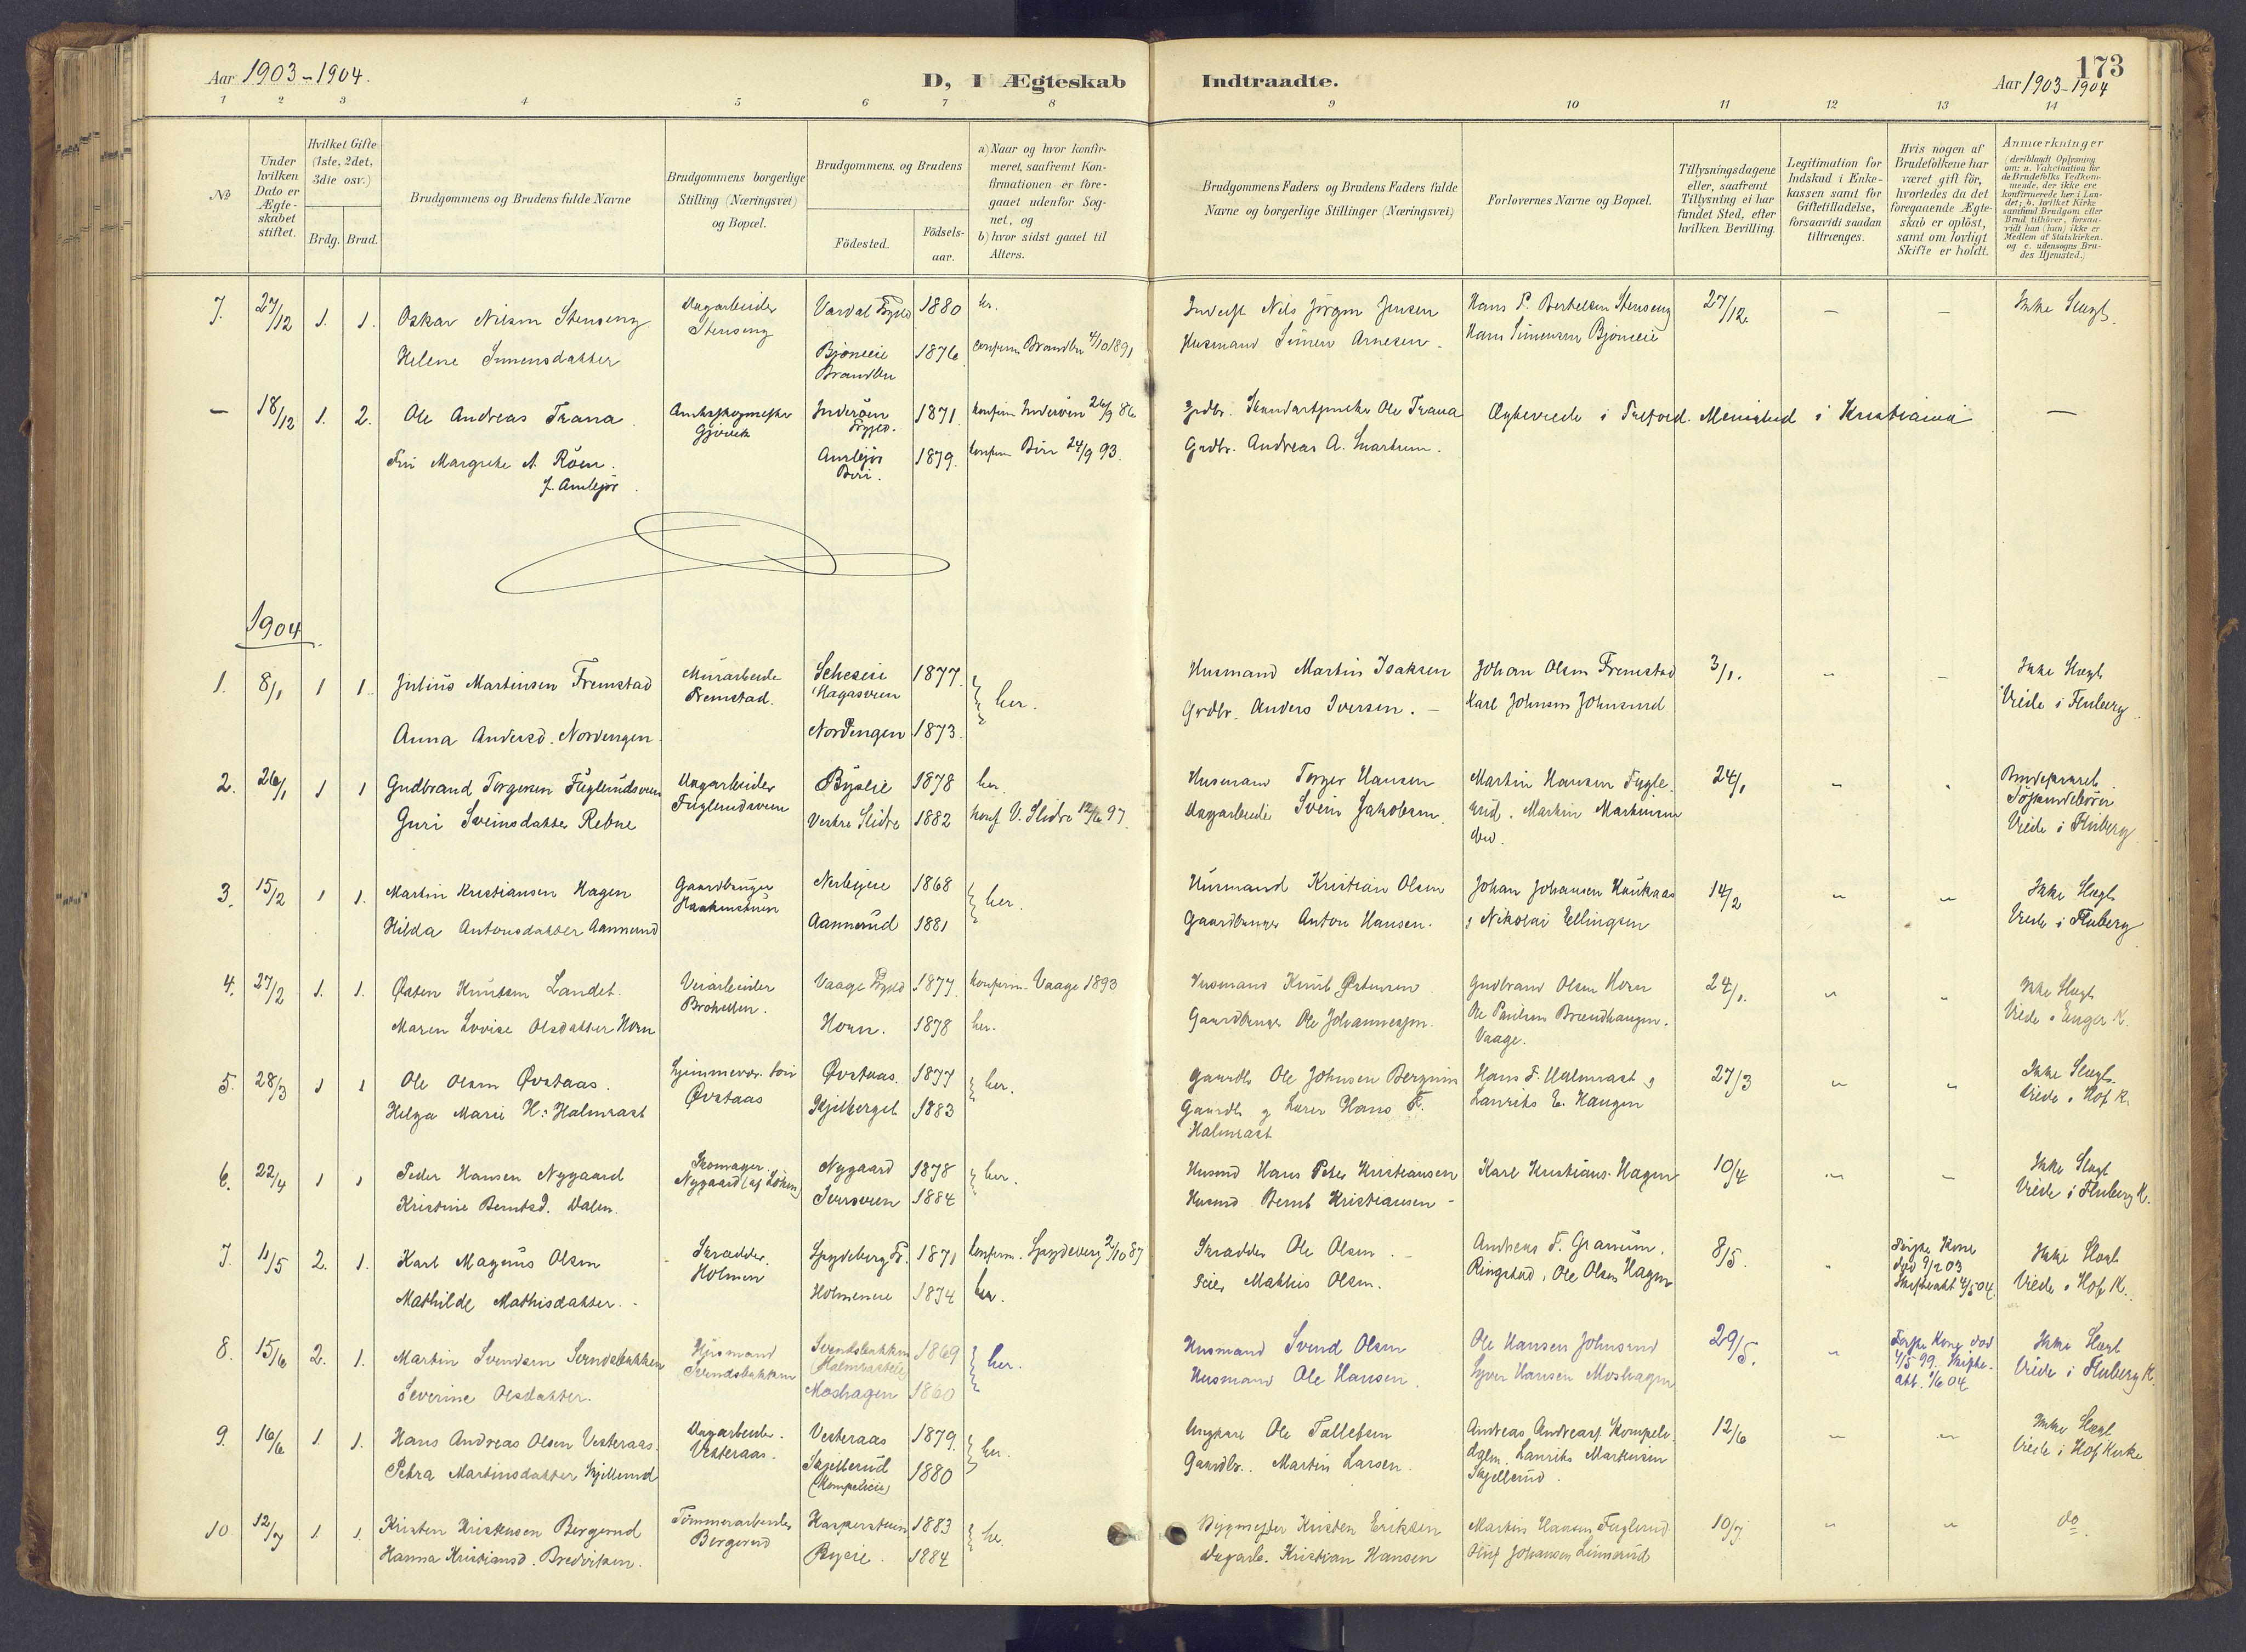 SAH, Søndre Land prestekontor, K/L0006: Ministerialbok nr. 6, 1895-1904, s. 173